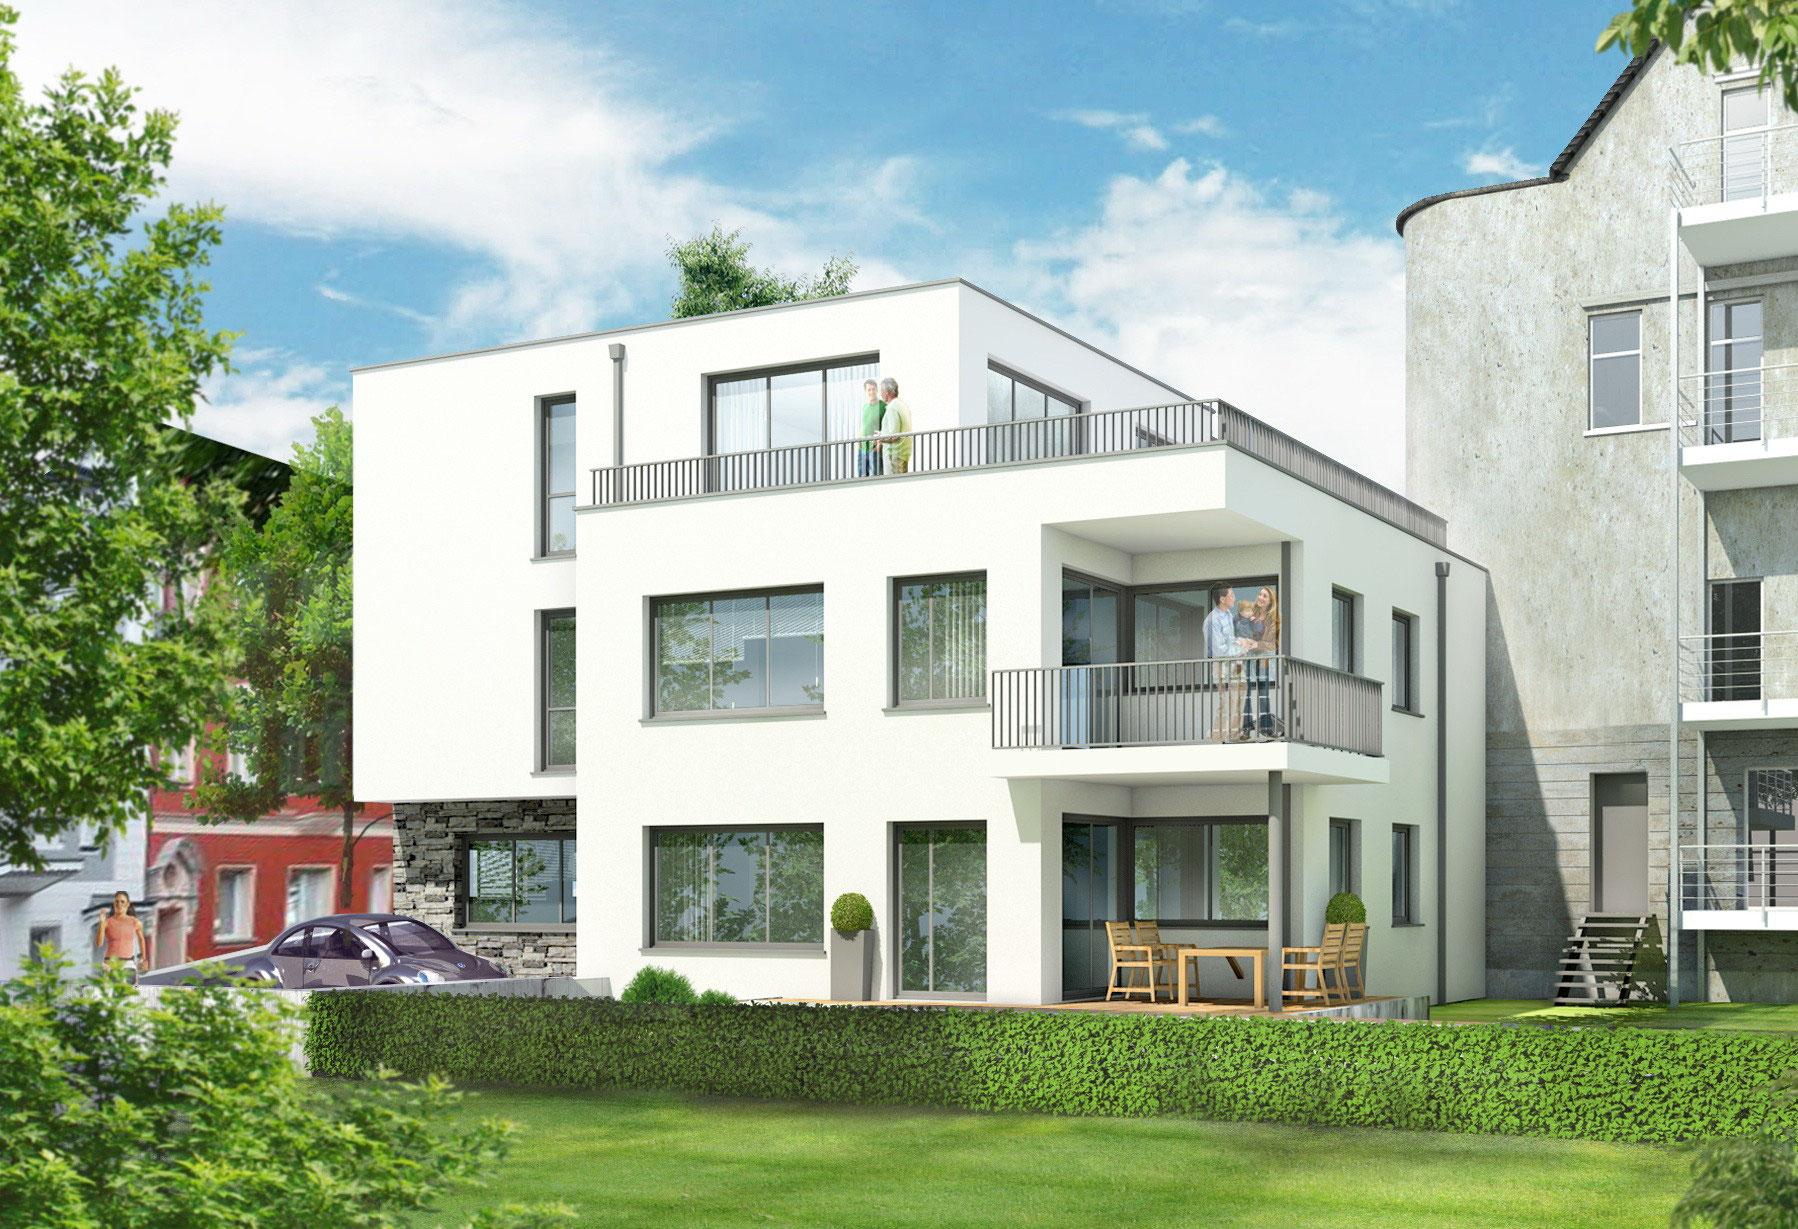 Holzhausbau duisburg griess osten architektur - Architekt duisburg ...